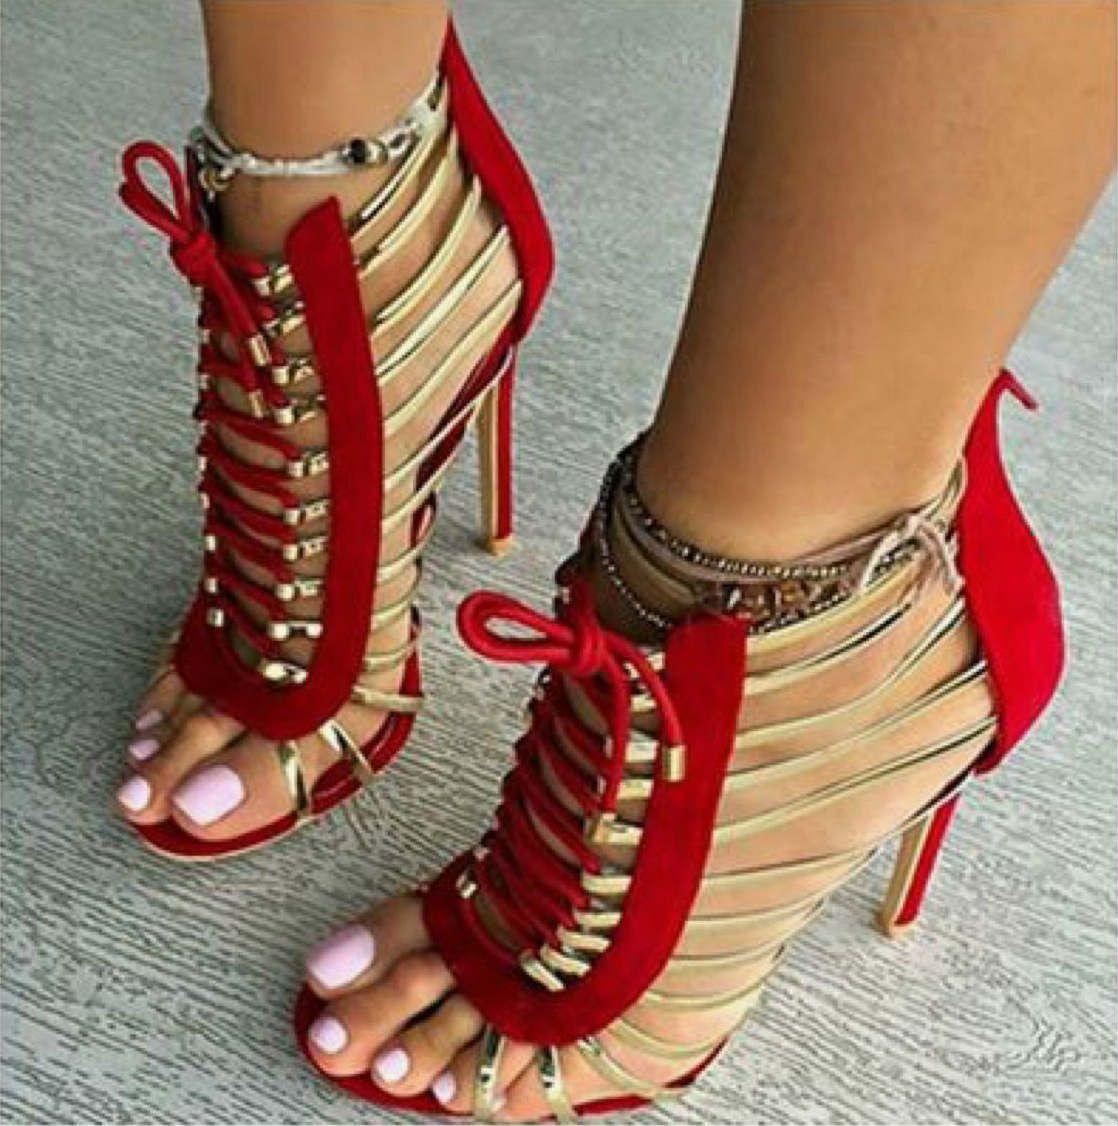 Compre Las Mujeres 2017 Verano Nuevo Zapatos De Mujer De Estilo Europeo Y  Americano Decoración Del Metal Sandalias De Tacón Alto Deletrear Color  Hueco ... d7983093ae88